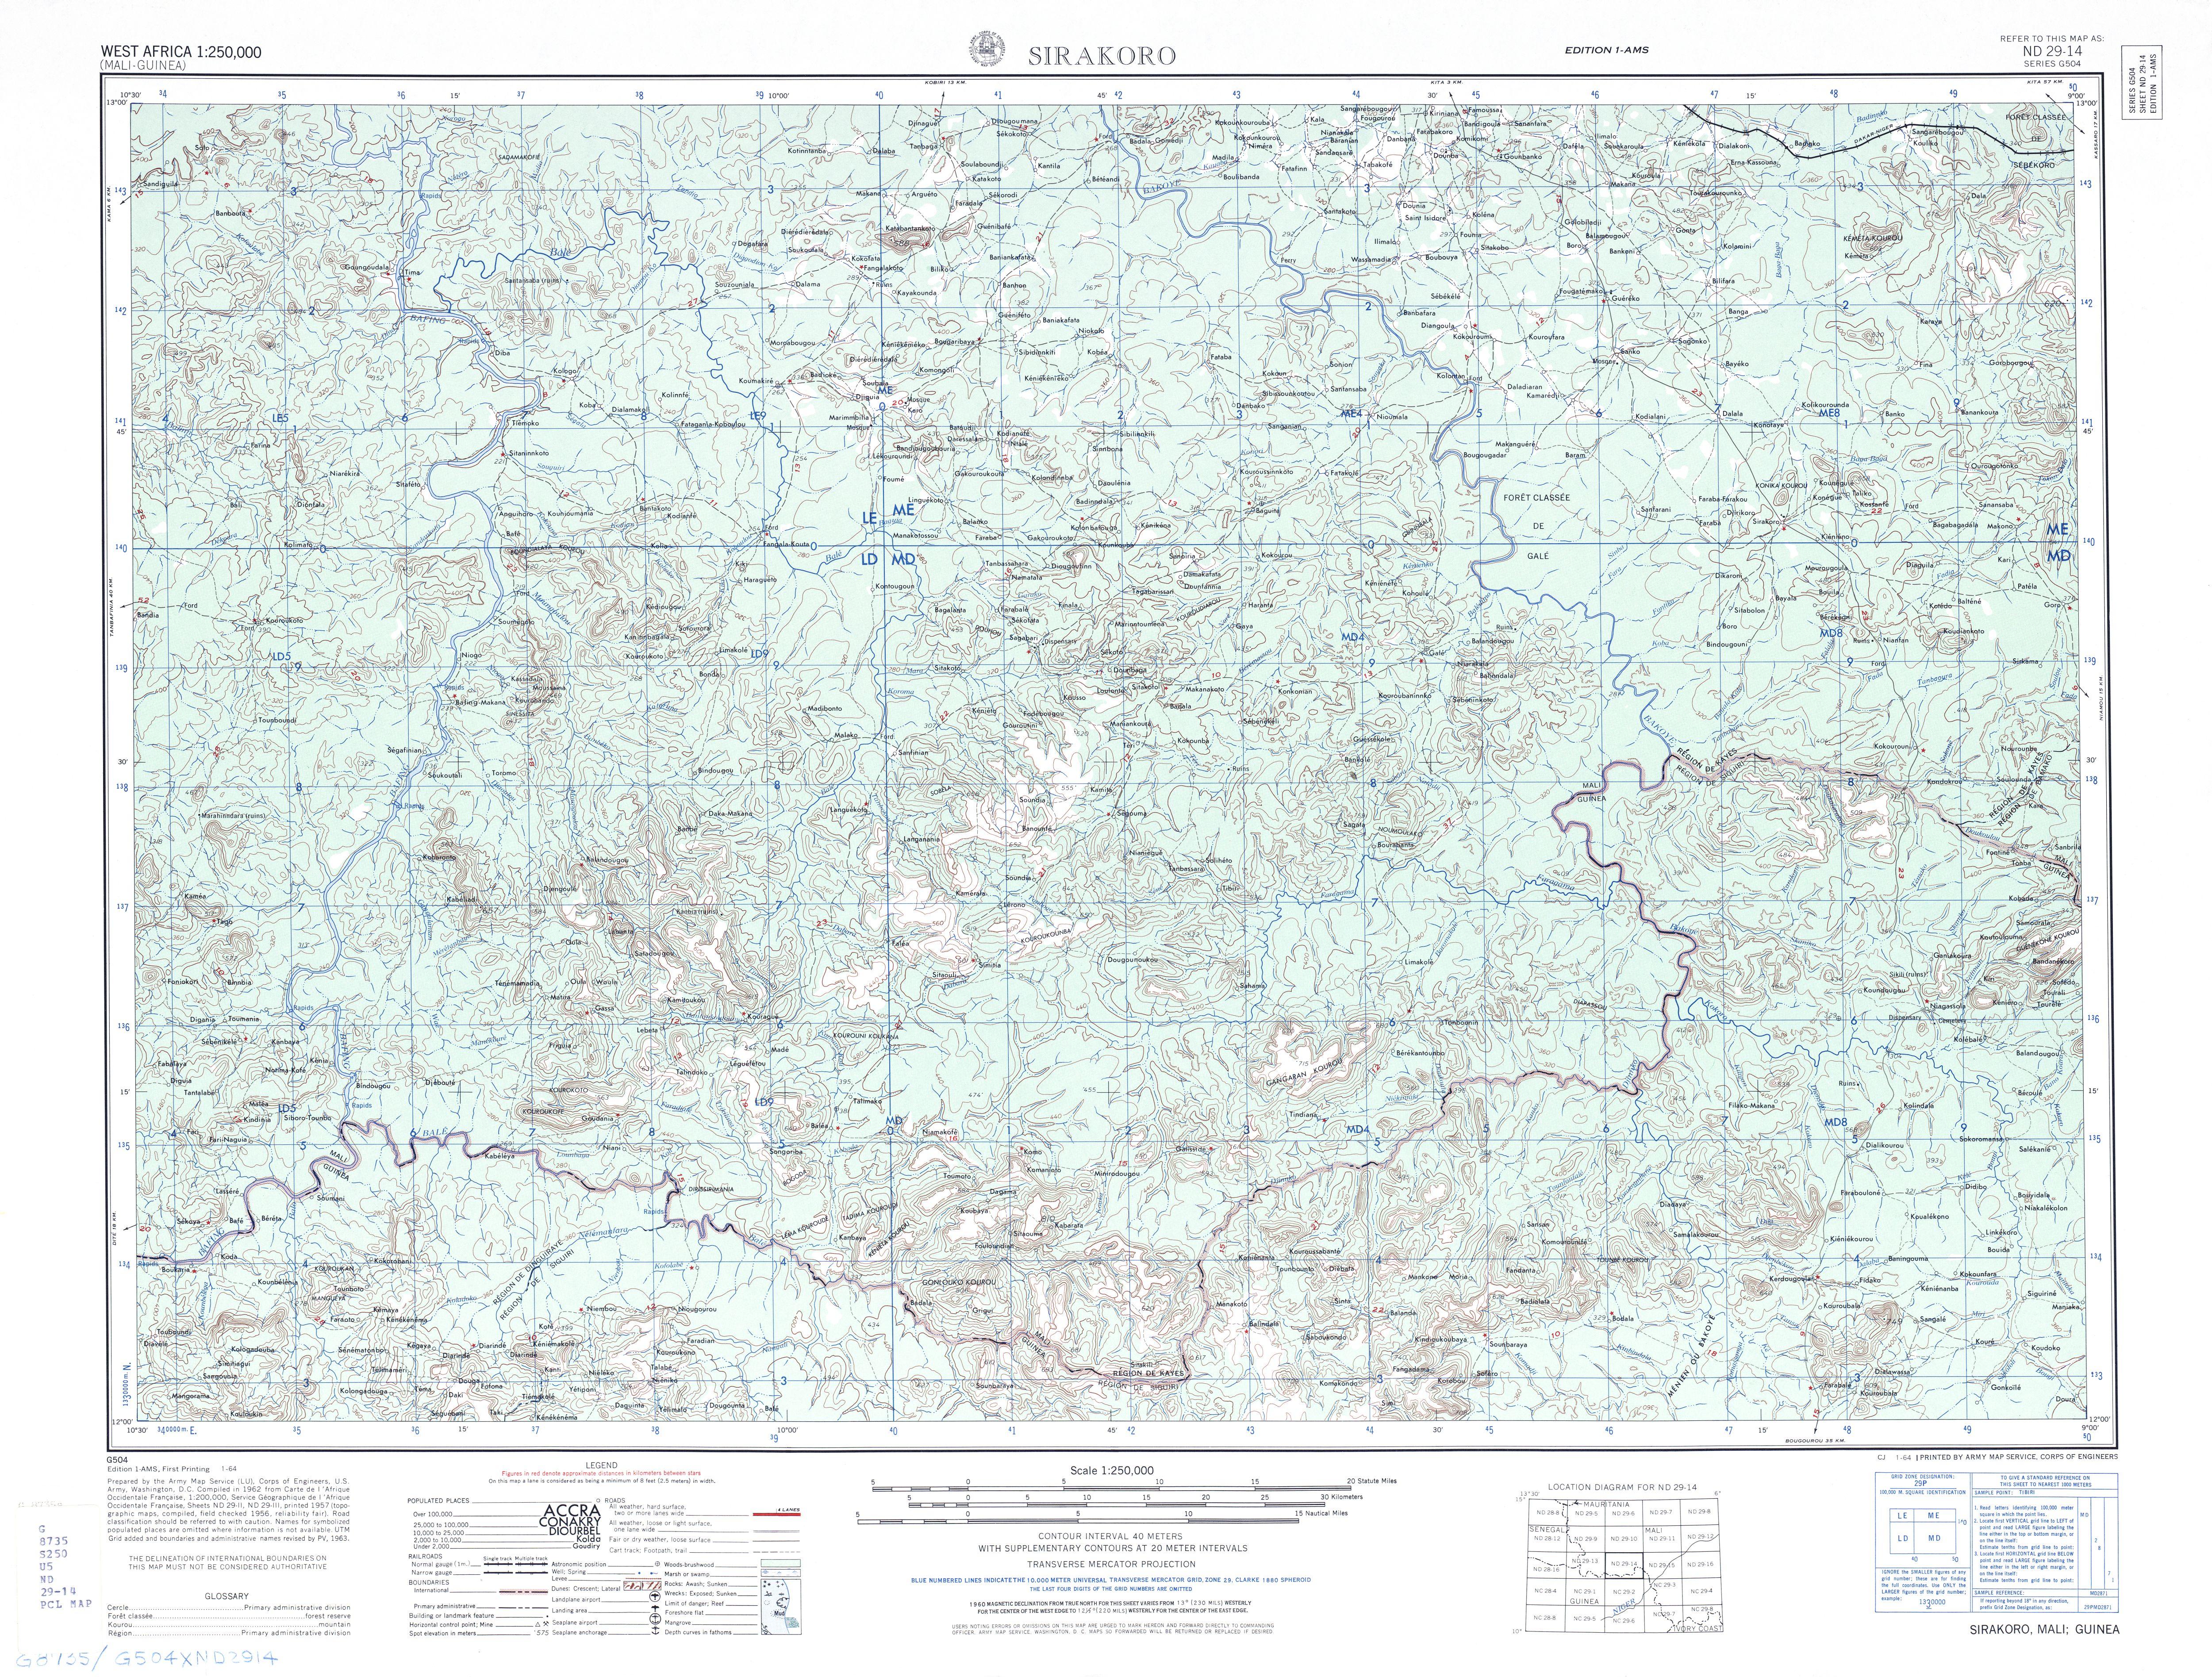 Sirakoro Topographic Map Sheet, Western Africa 1955